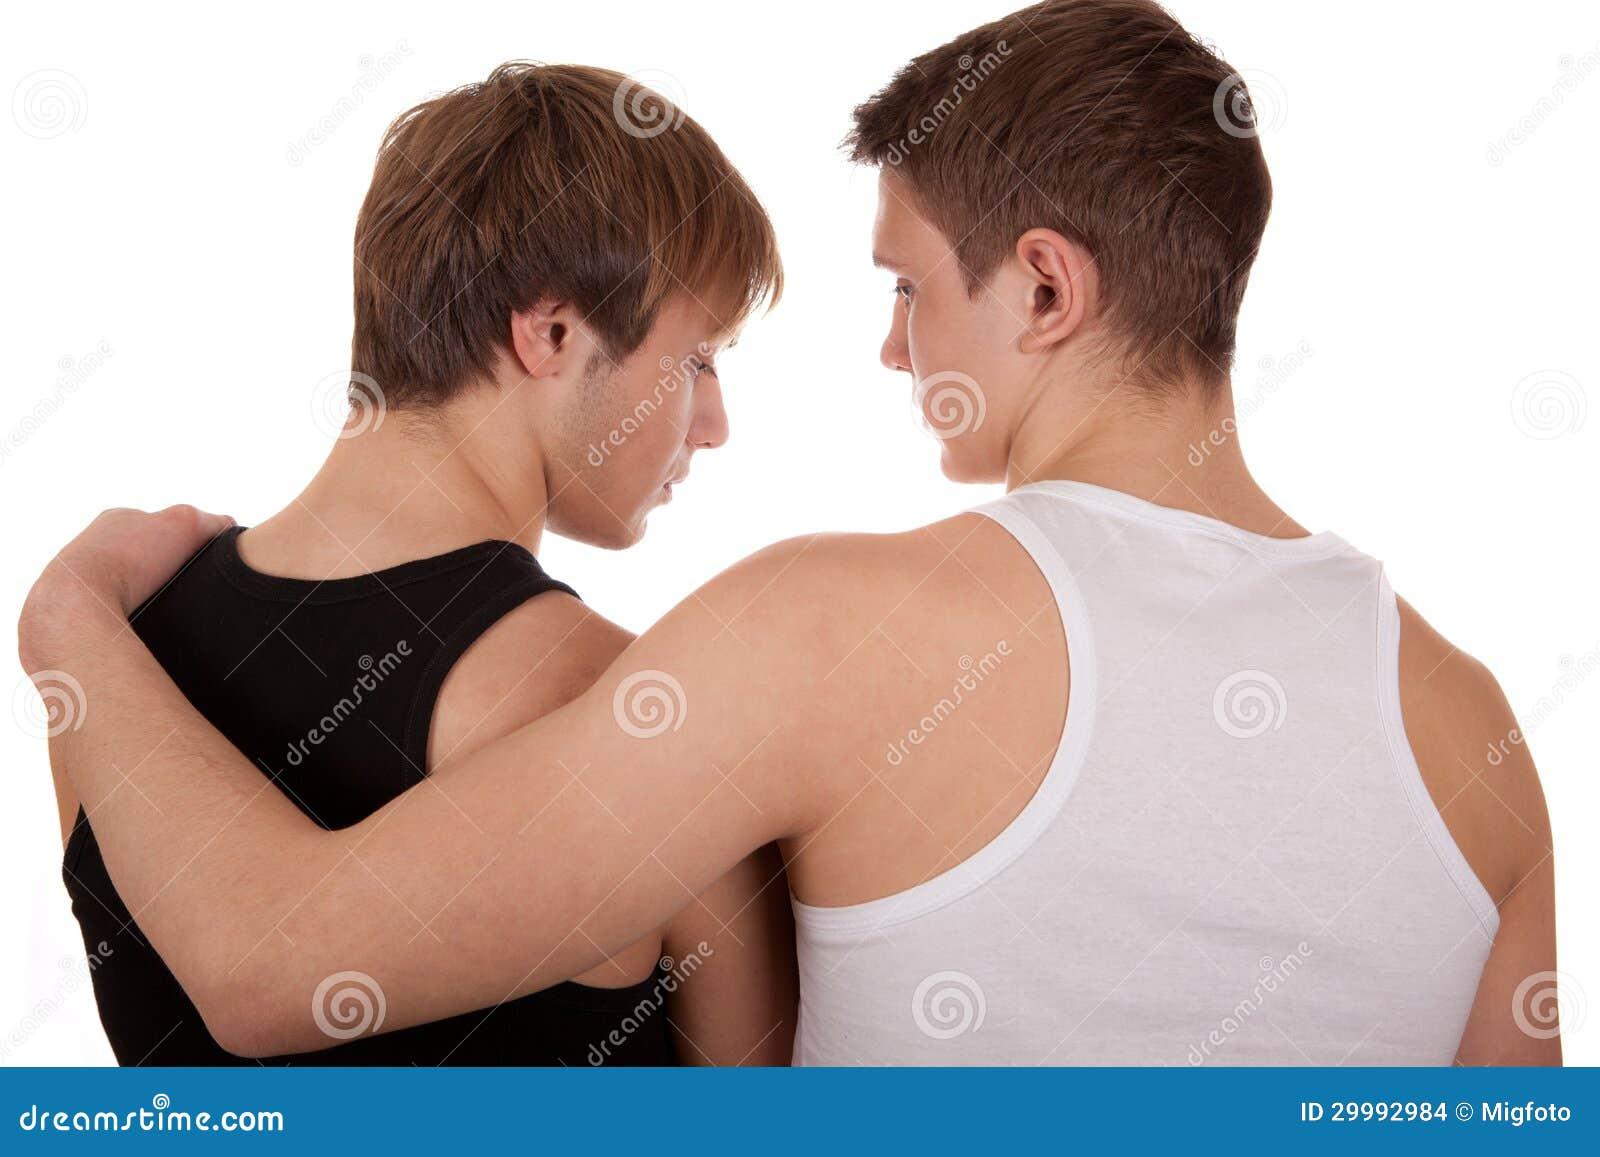 dating 2 guys at a time Kerteminde